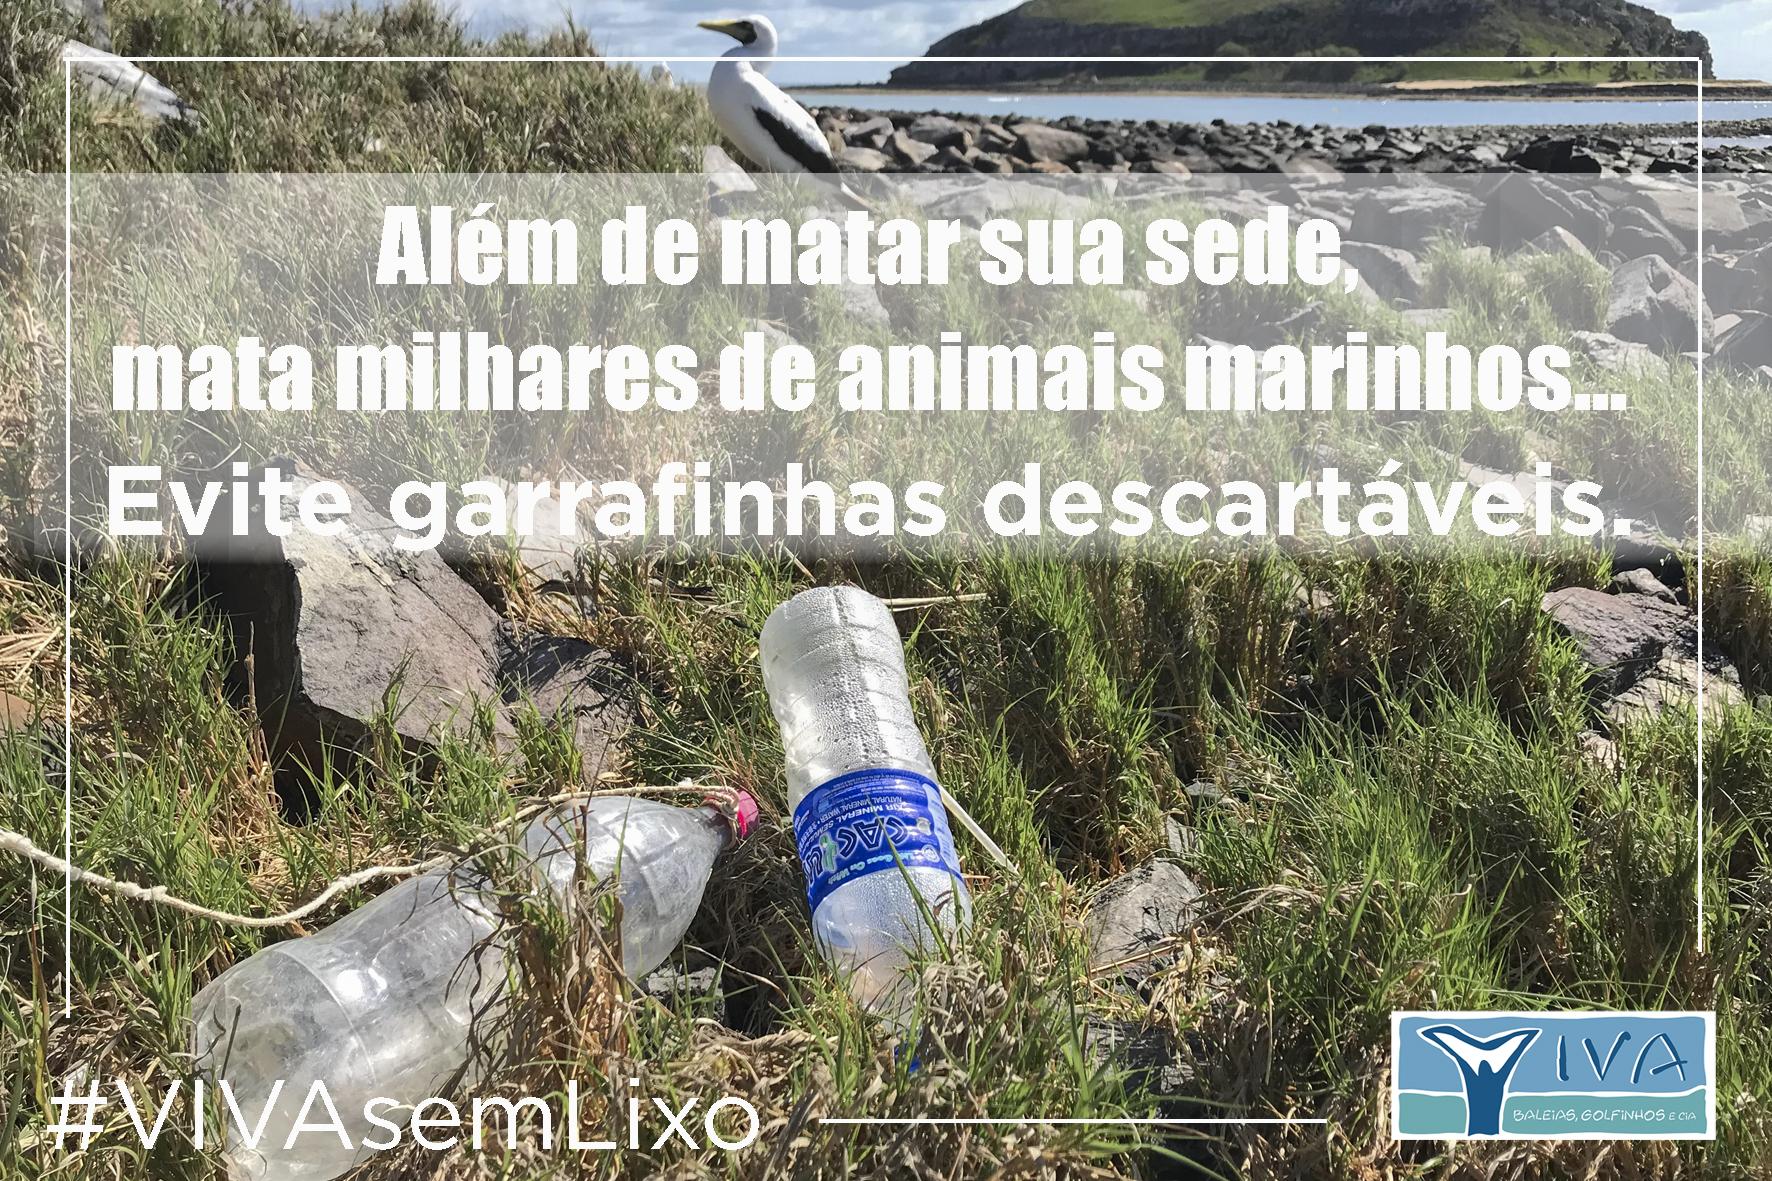 Mata milhares de animais marinhos Abrolhos 10 15